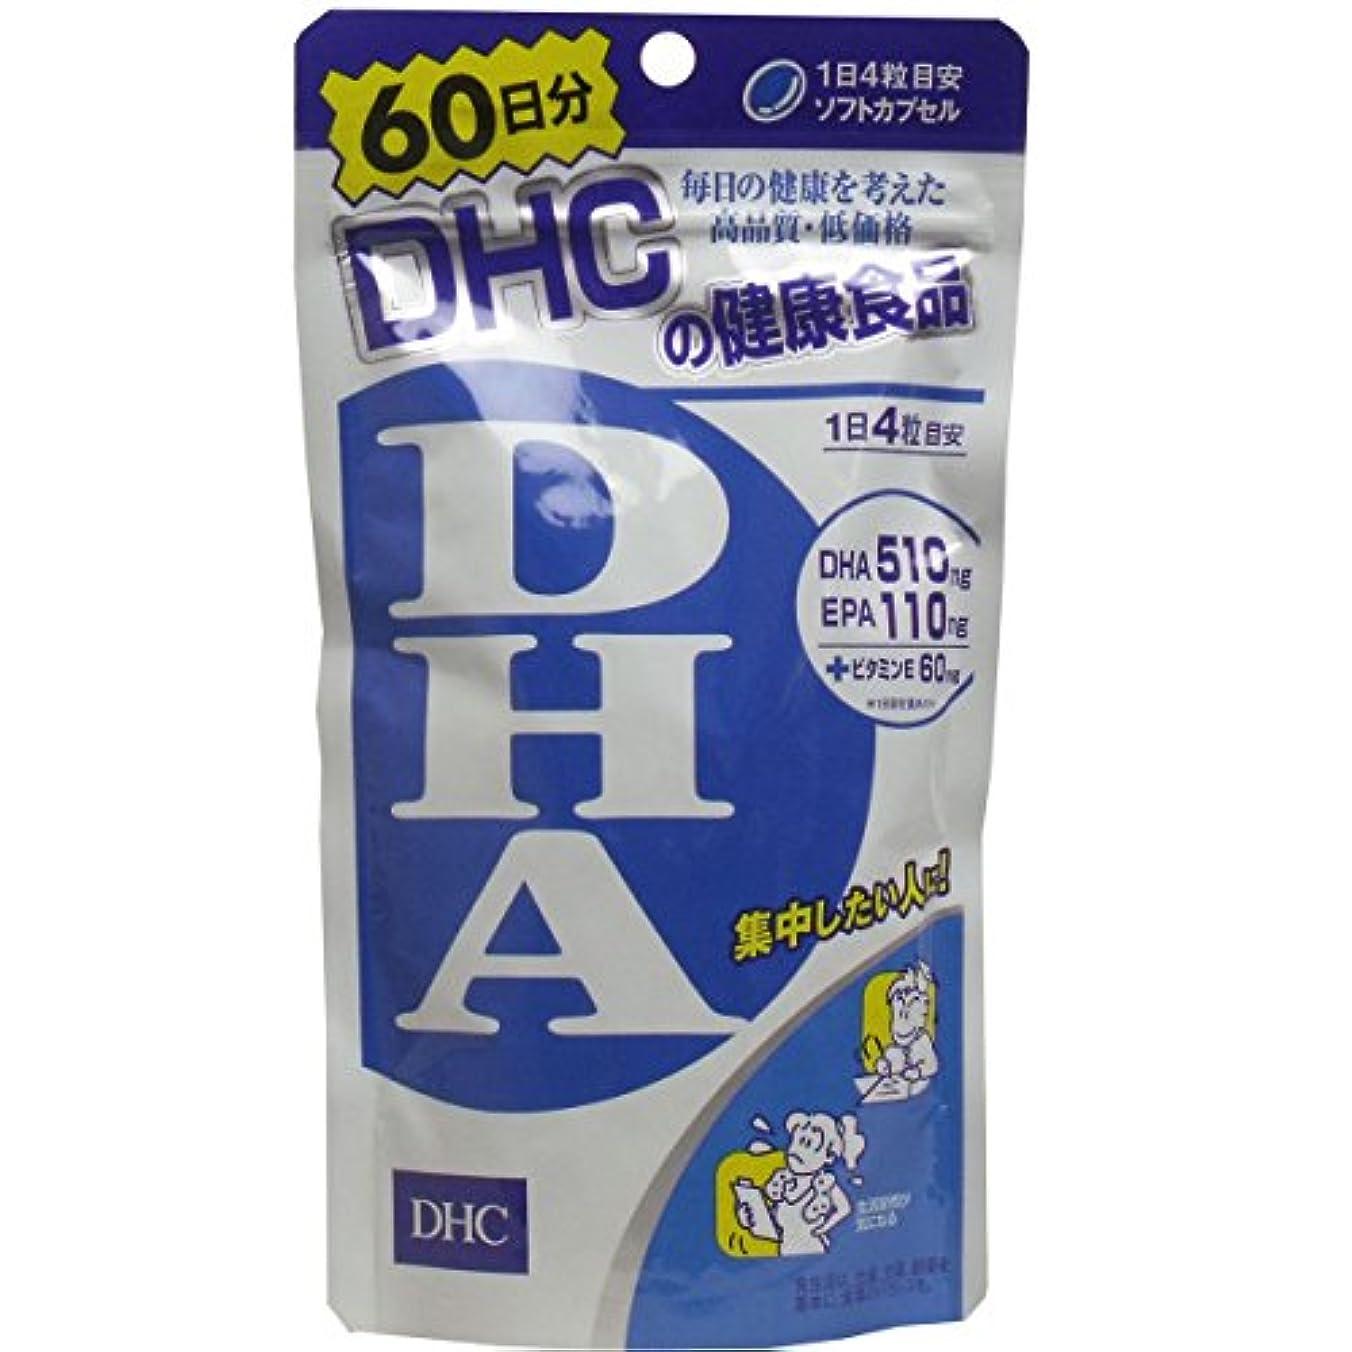 昼食ねじれリビジョン<お得な2個パック>DHC DHA 60日分 240粒入り×2個